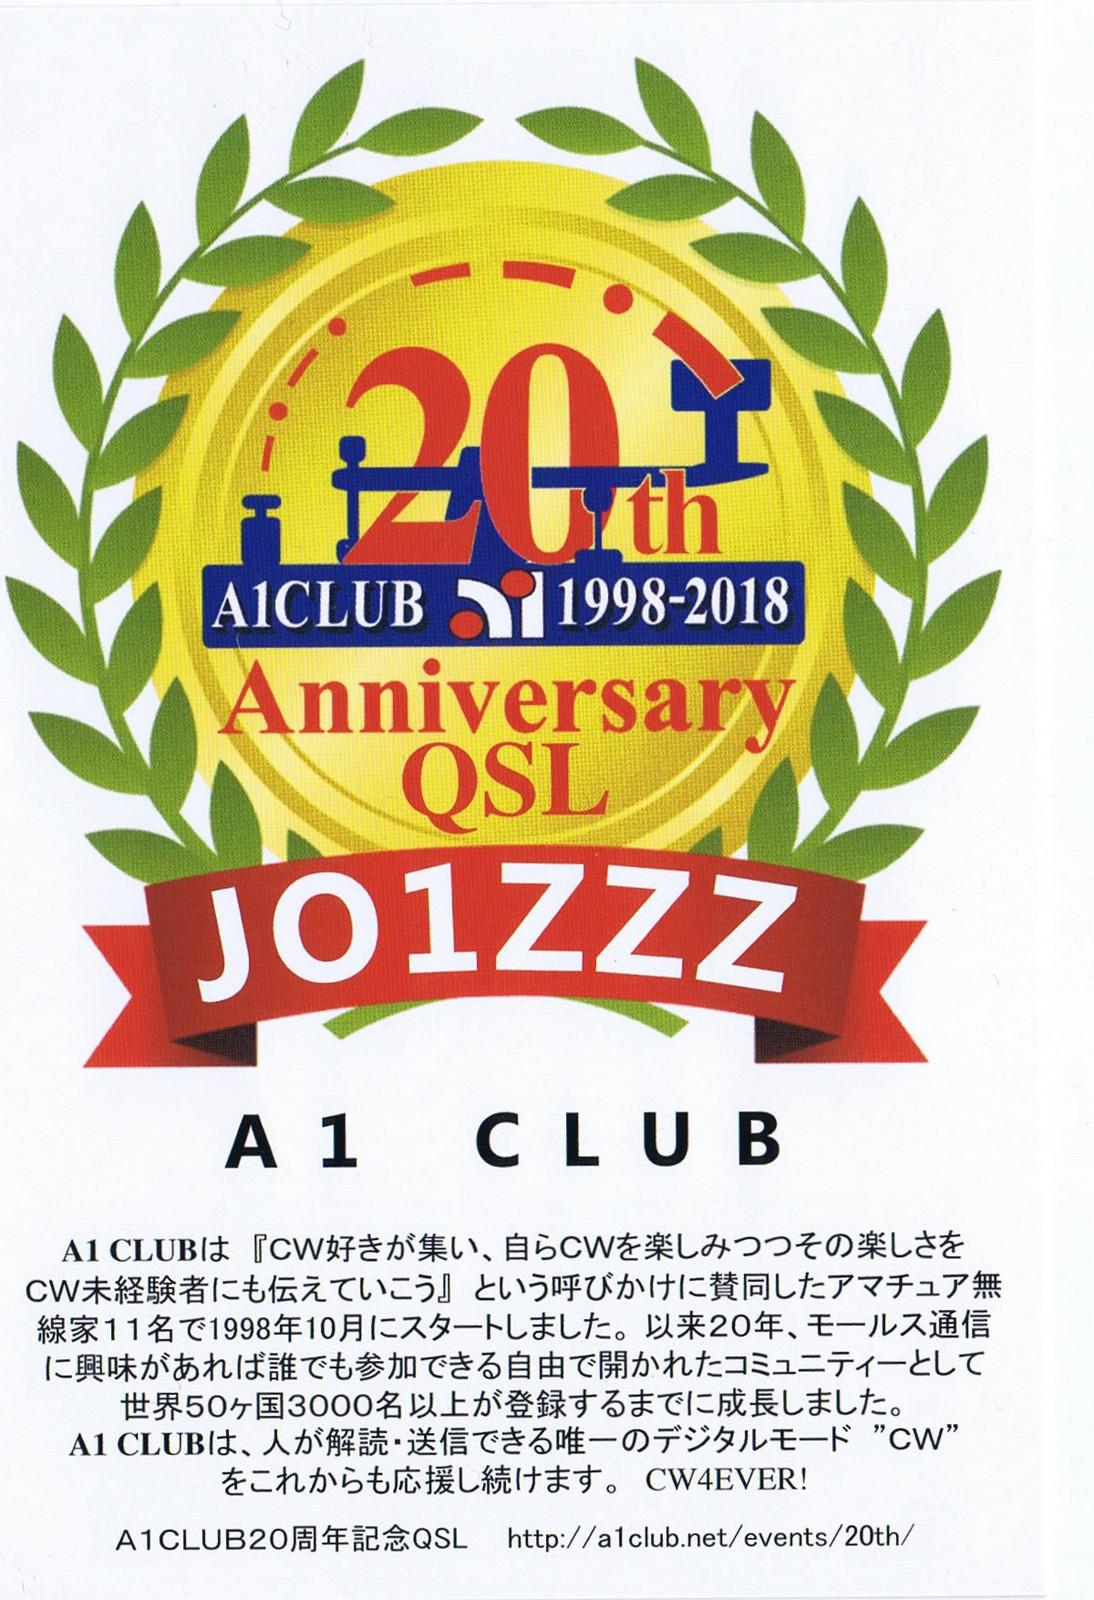 Qsl_jo1zzz